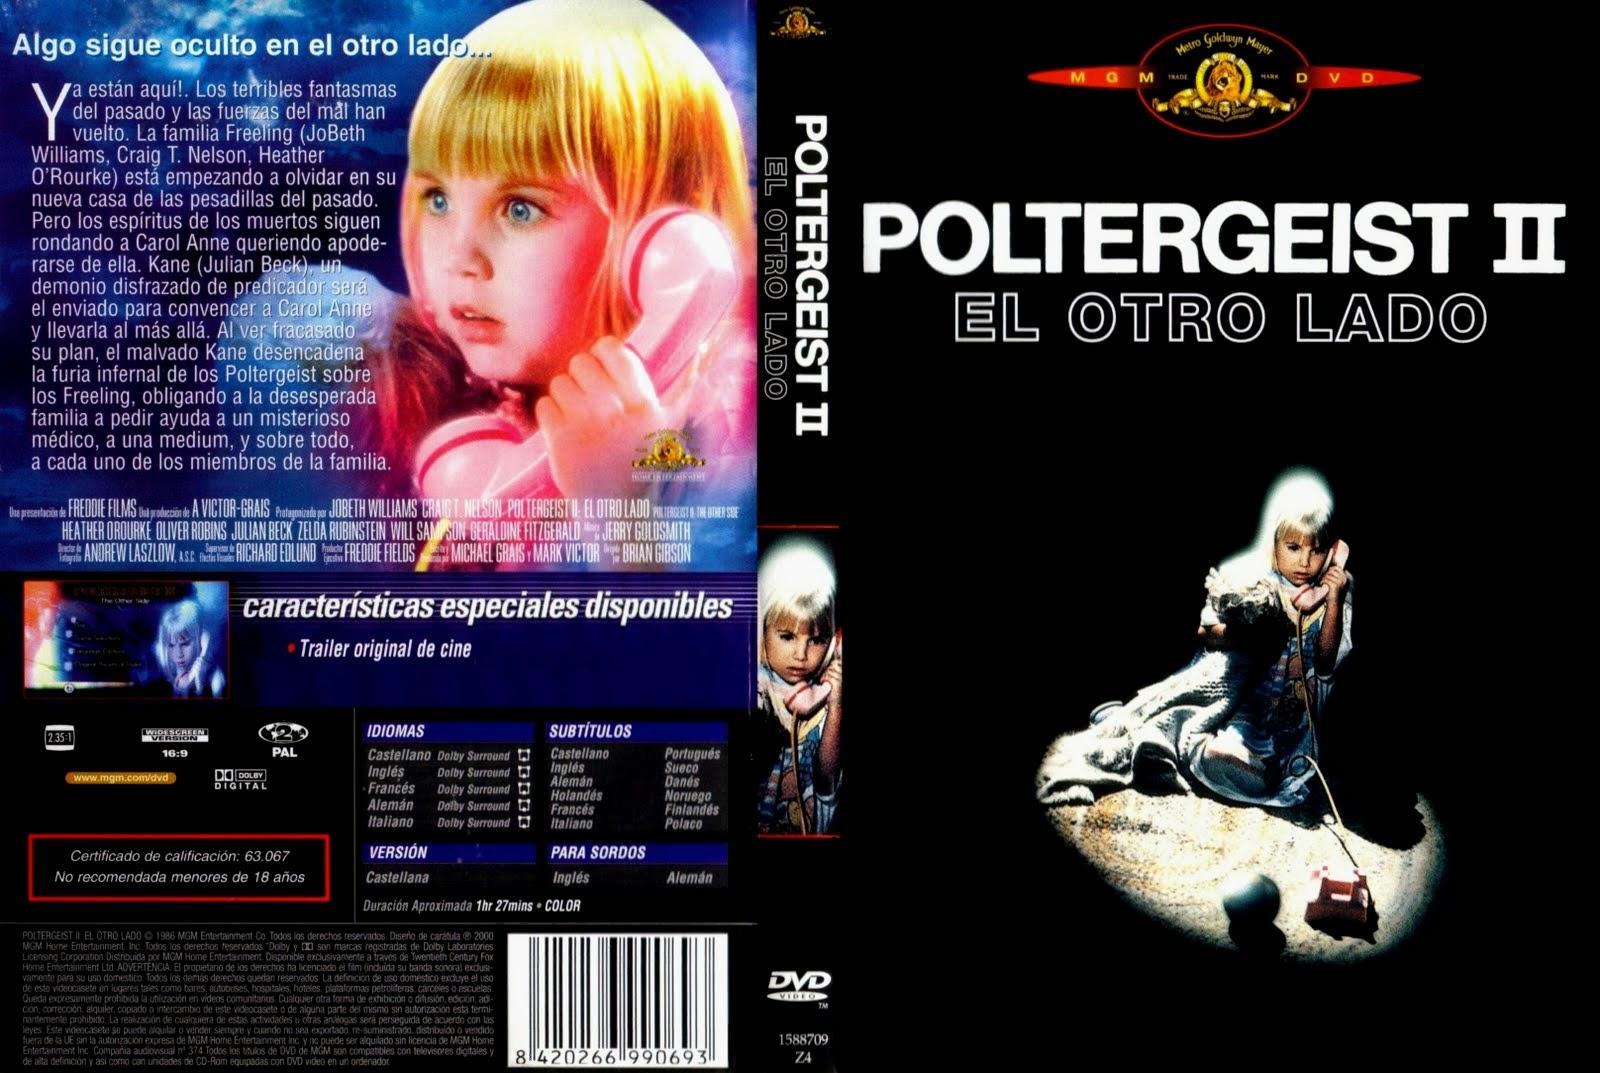 Poltergeist 2 (El Otro Lado) Hdrip Castellano 1986